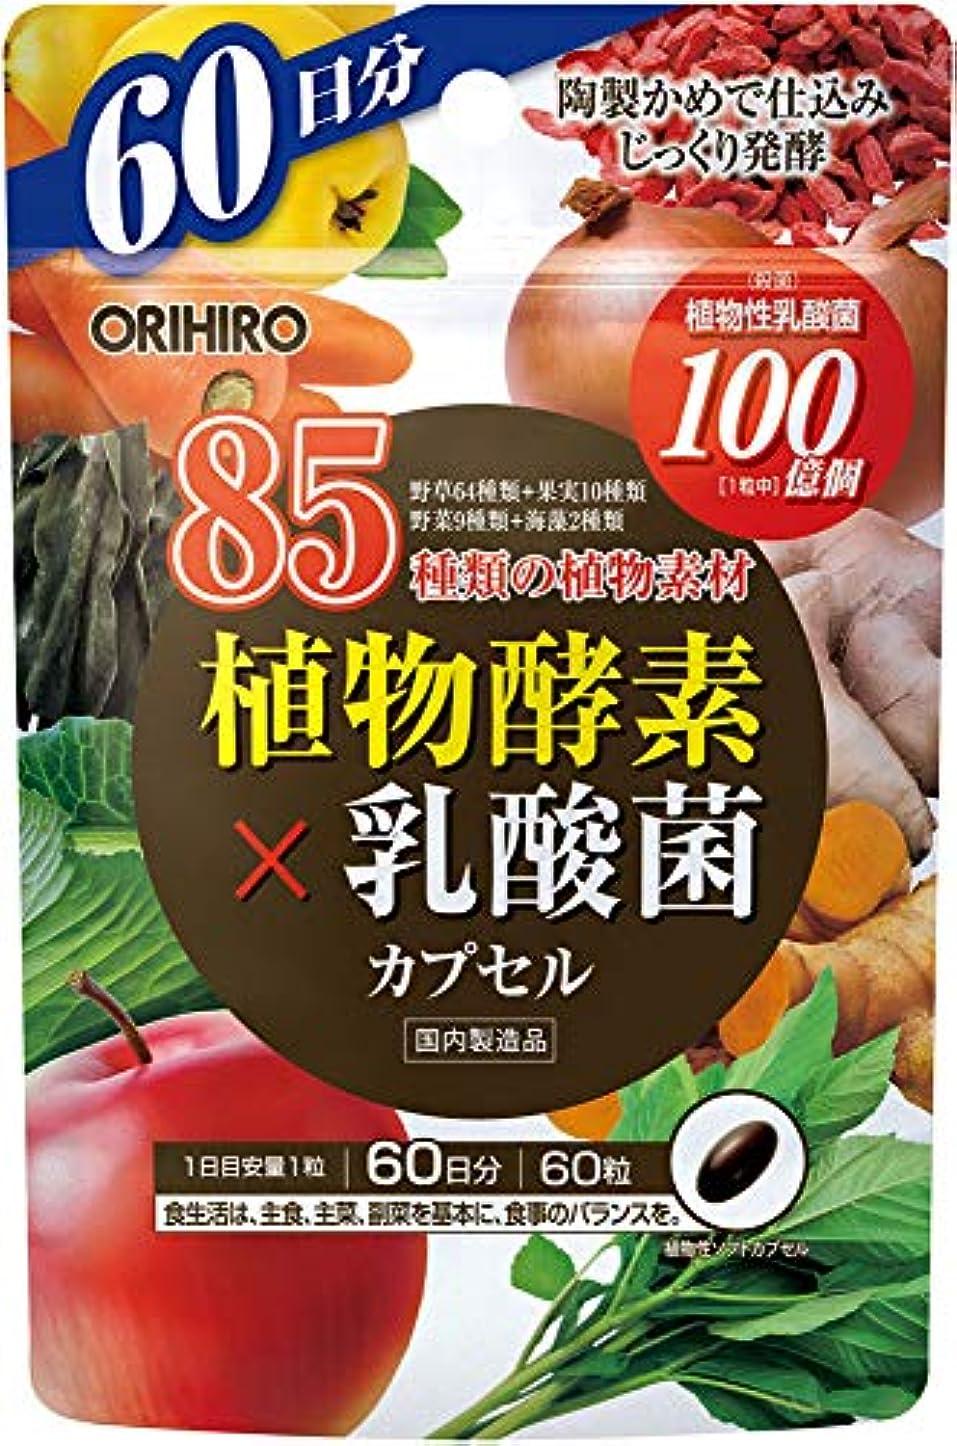 フレア入浴否認するオリヒロ 植物酵素カプセル 60粒